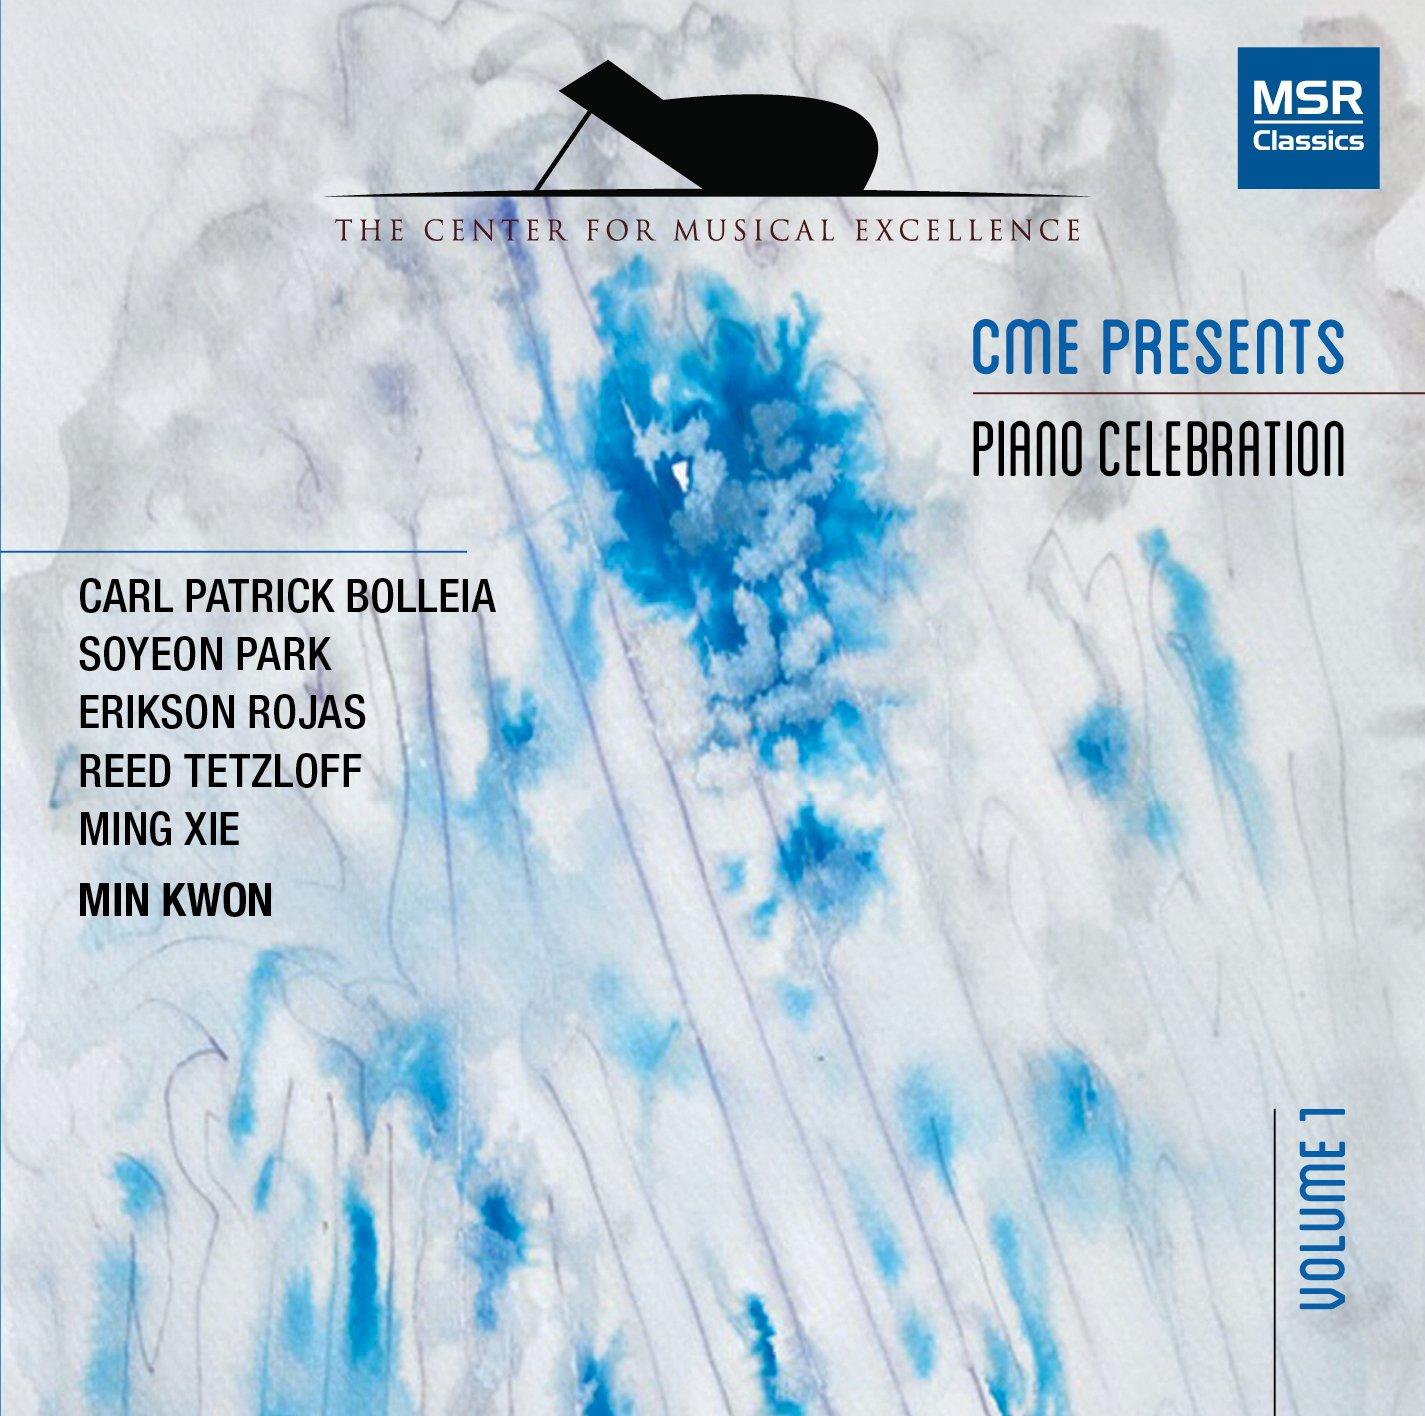 CD : CARL PATRICK BOLLEIA (PIANO) - SOYEON PARK (PIANO) - ERIKSON ROJAS (PIANO) - REED TETZLOFF (PIANO) - MING XIE (PIANO) - MIN KWON (PIANO) - Cme Presents: Piano Celebration 1 (CD)